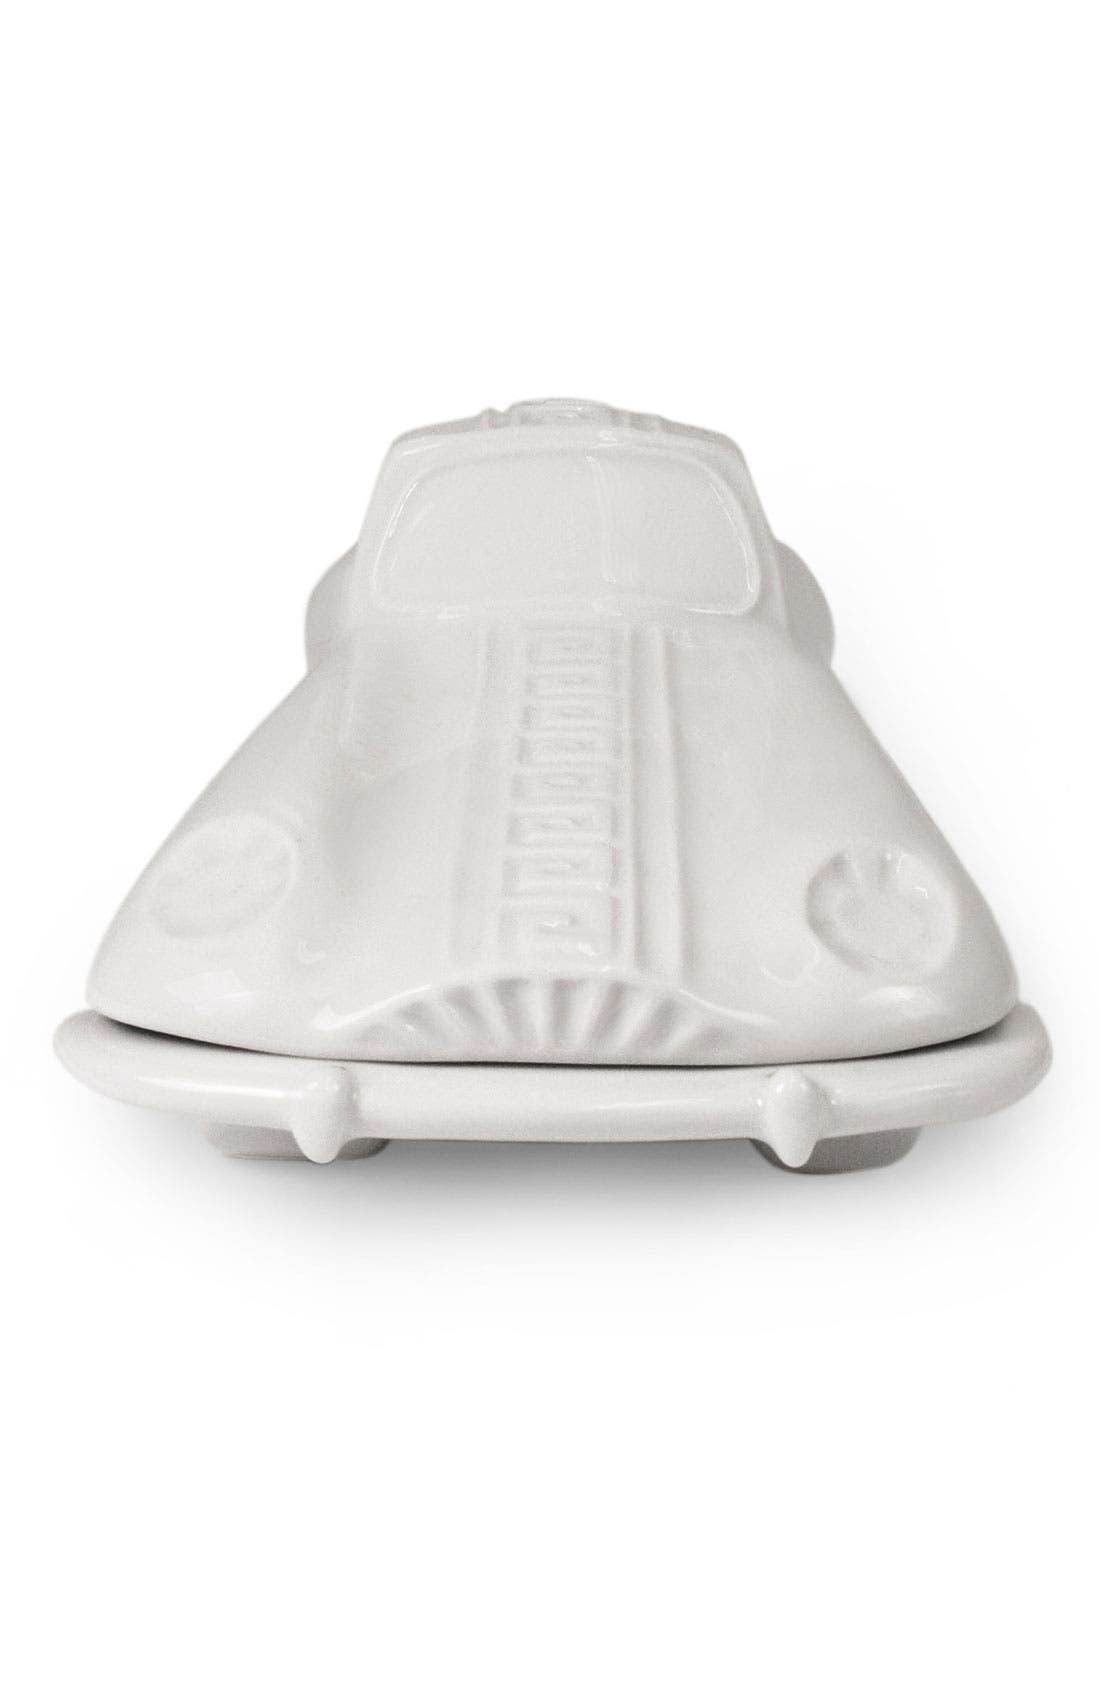 Alternate Image 2  - Jonathan Adler 'Sports Car' Porcelain Box